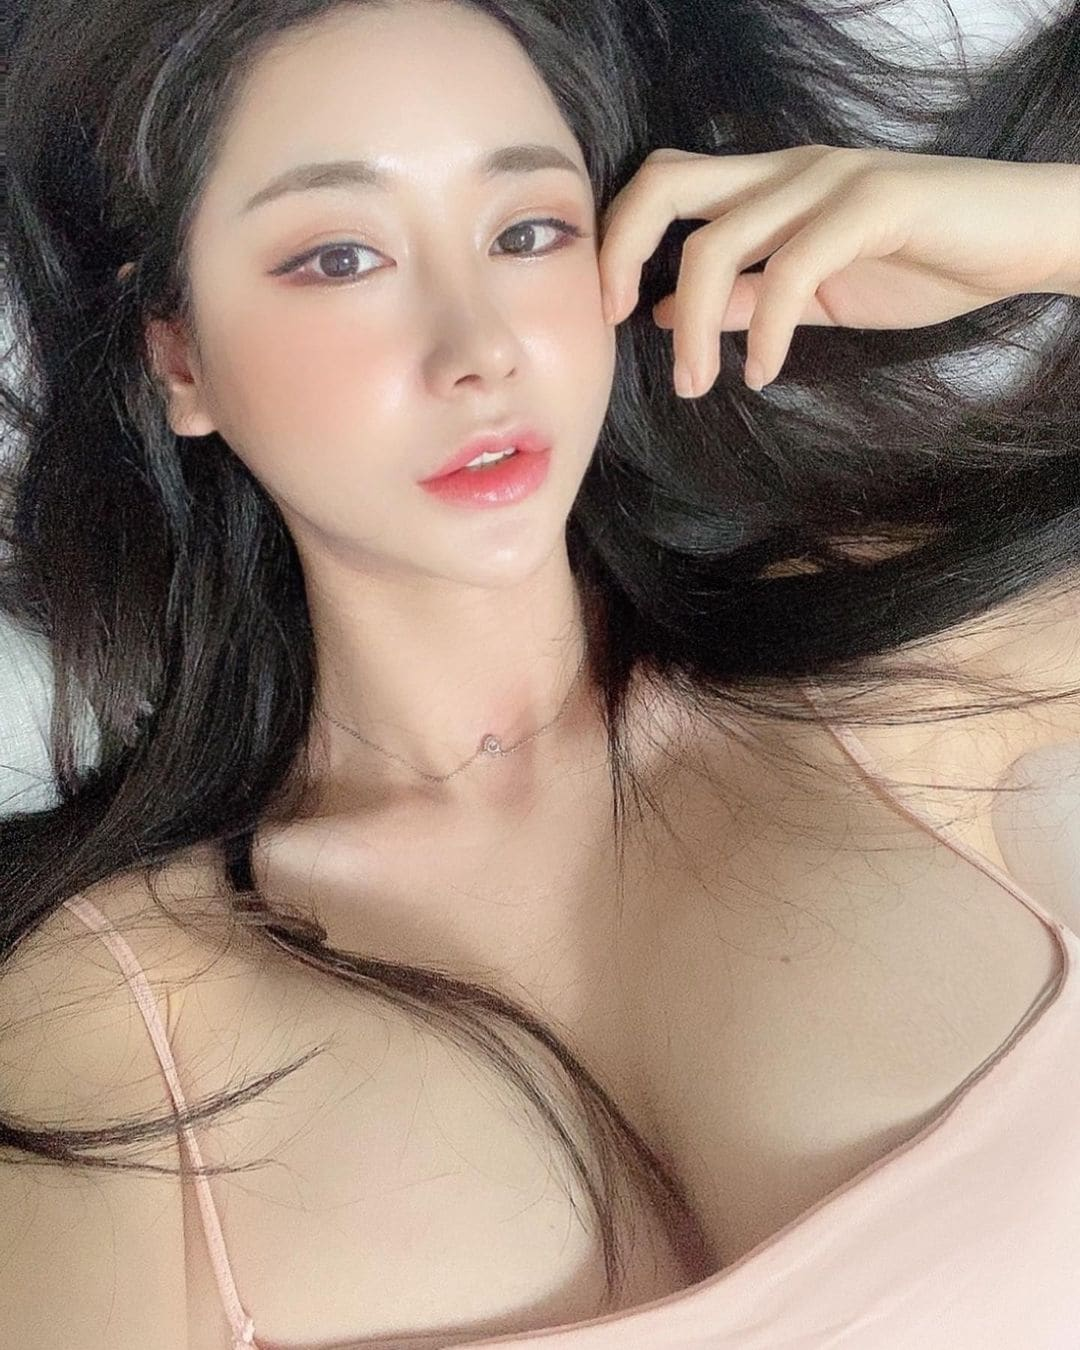 韓国モデル・キャンディ「妖艶な表情にファン興奮」大きすぎるバストを強調して…【画像2枚】の画像001